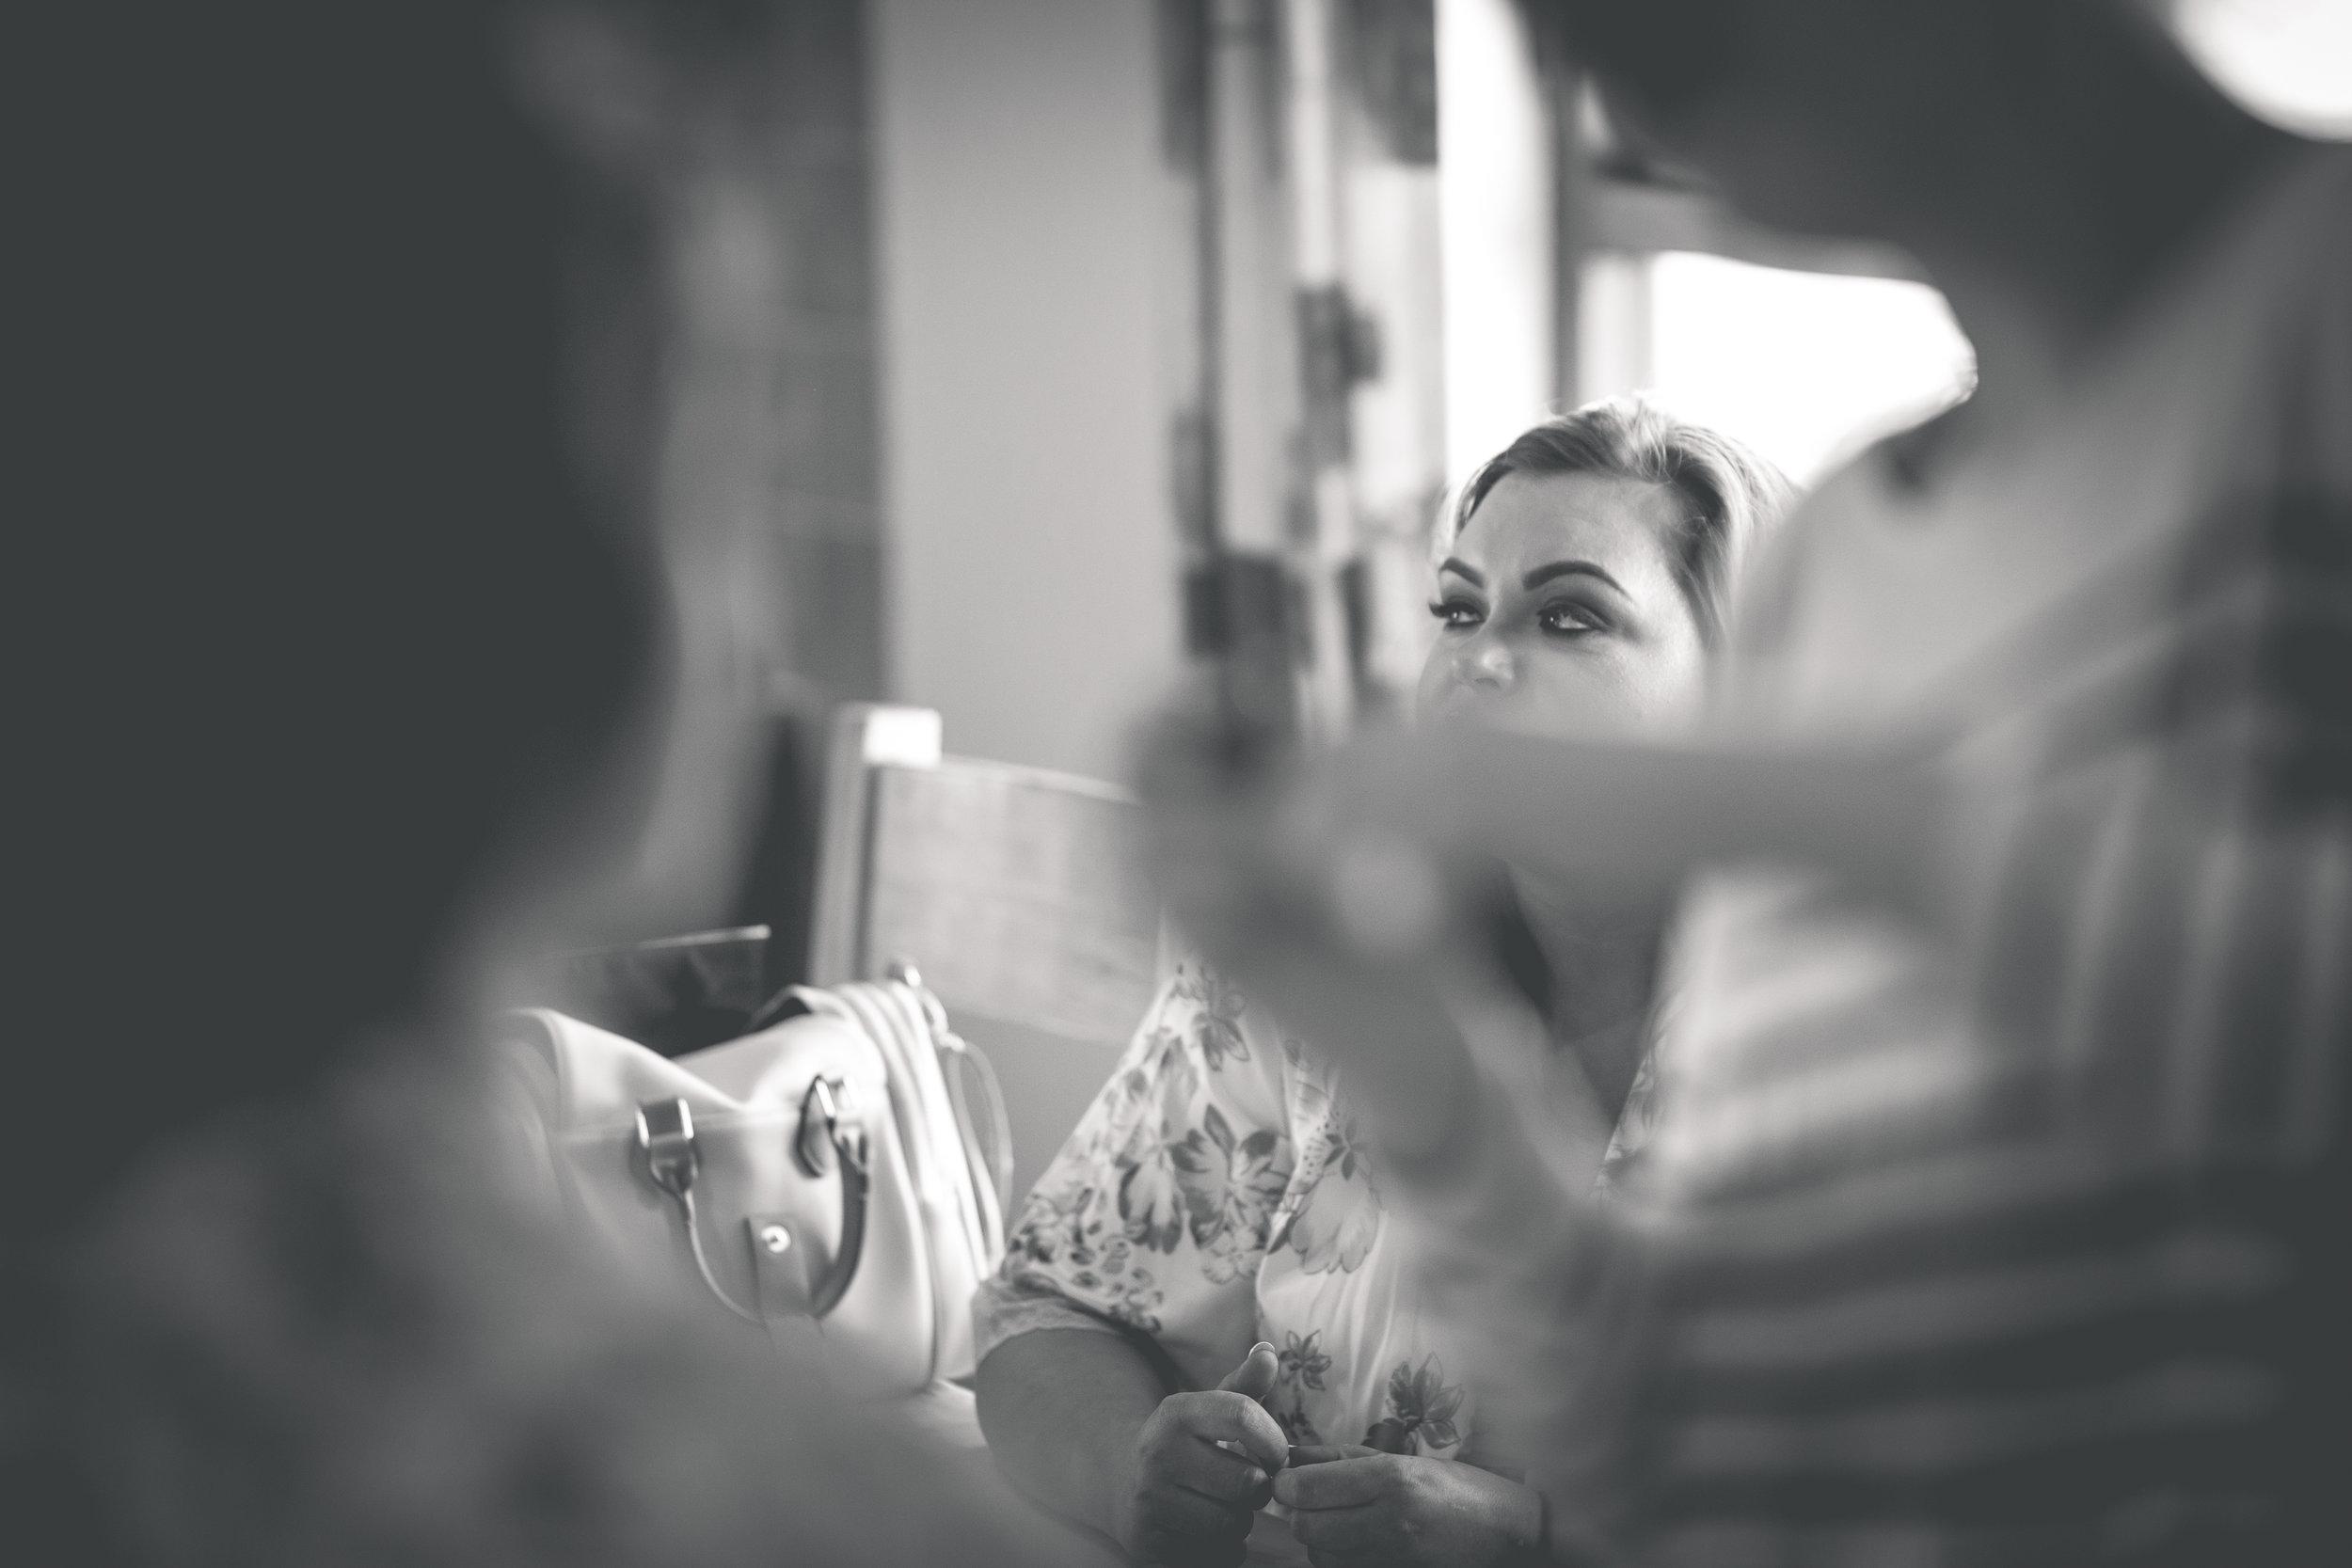 Brian McEwan Wedding Photography | Carol-Anne & Sean | Bridal Preparations-37.jpg